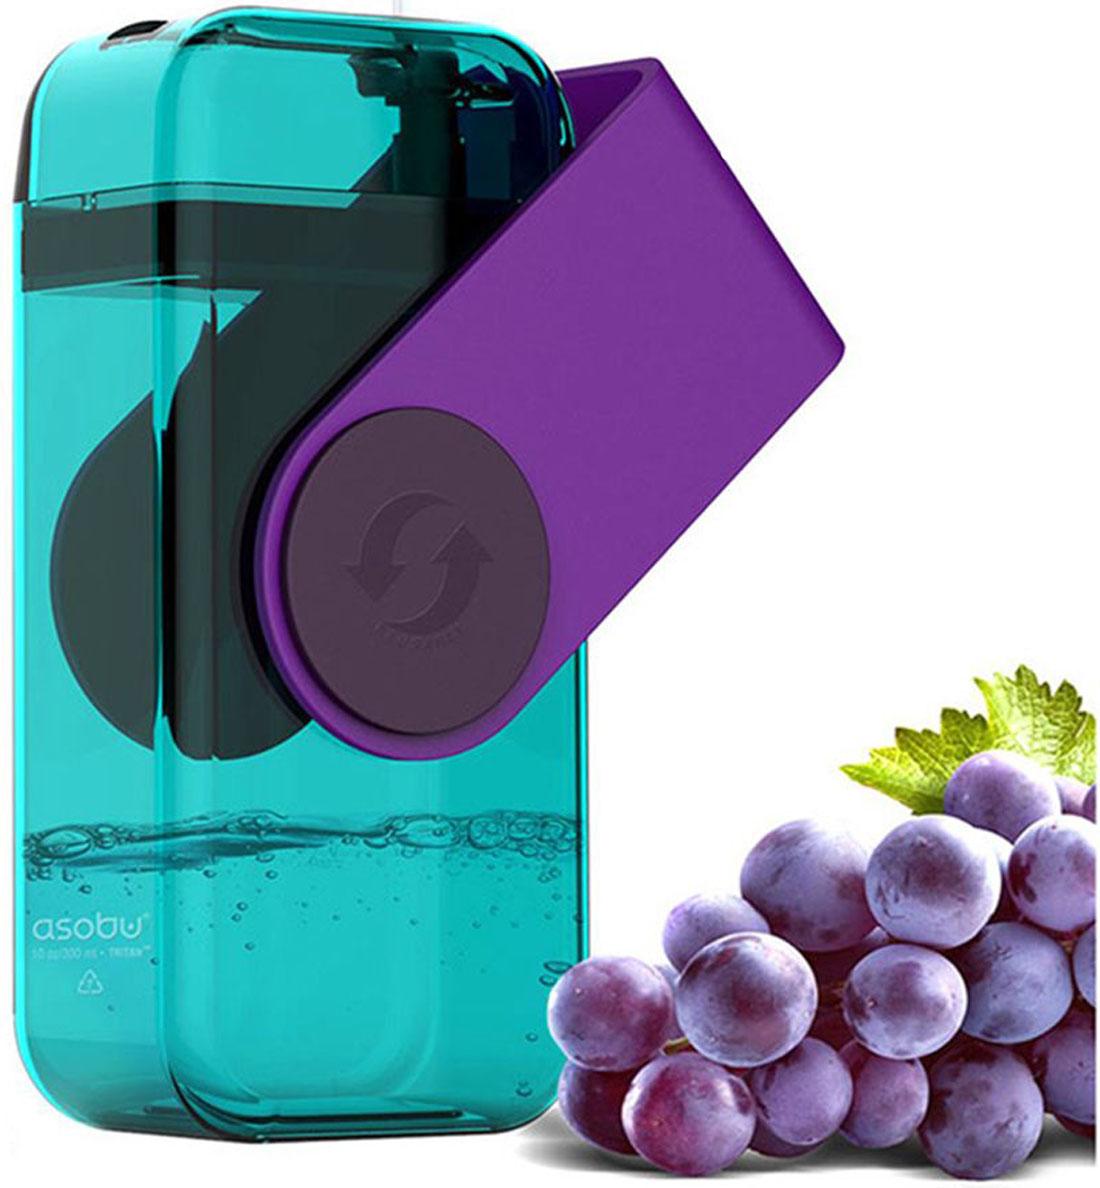 Бутылка Asobu Juicy drink box, цвет: фиолетовый, 290 мл бокс рский мешок не наполненный